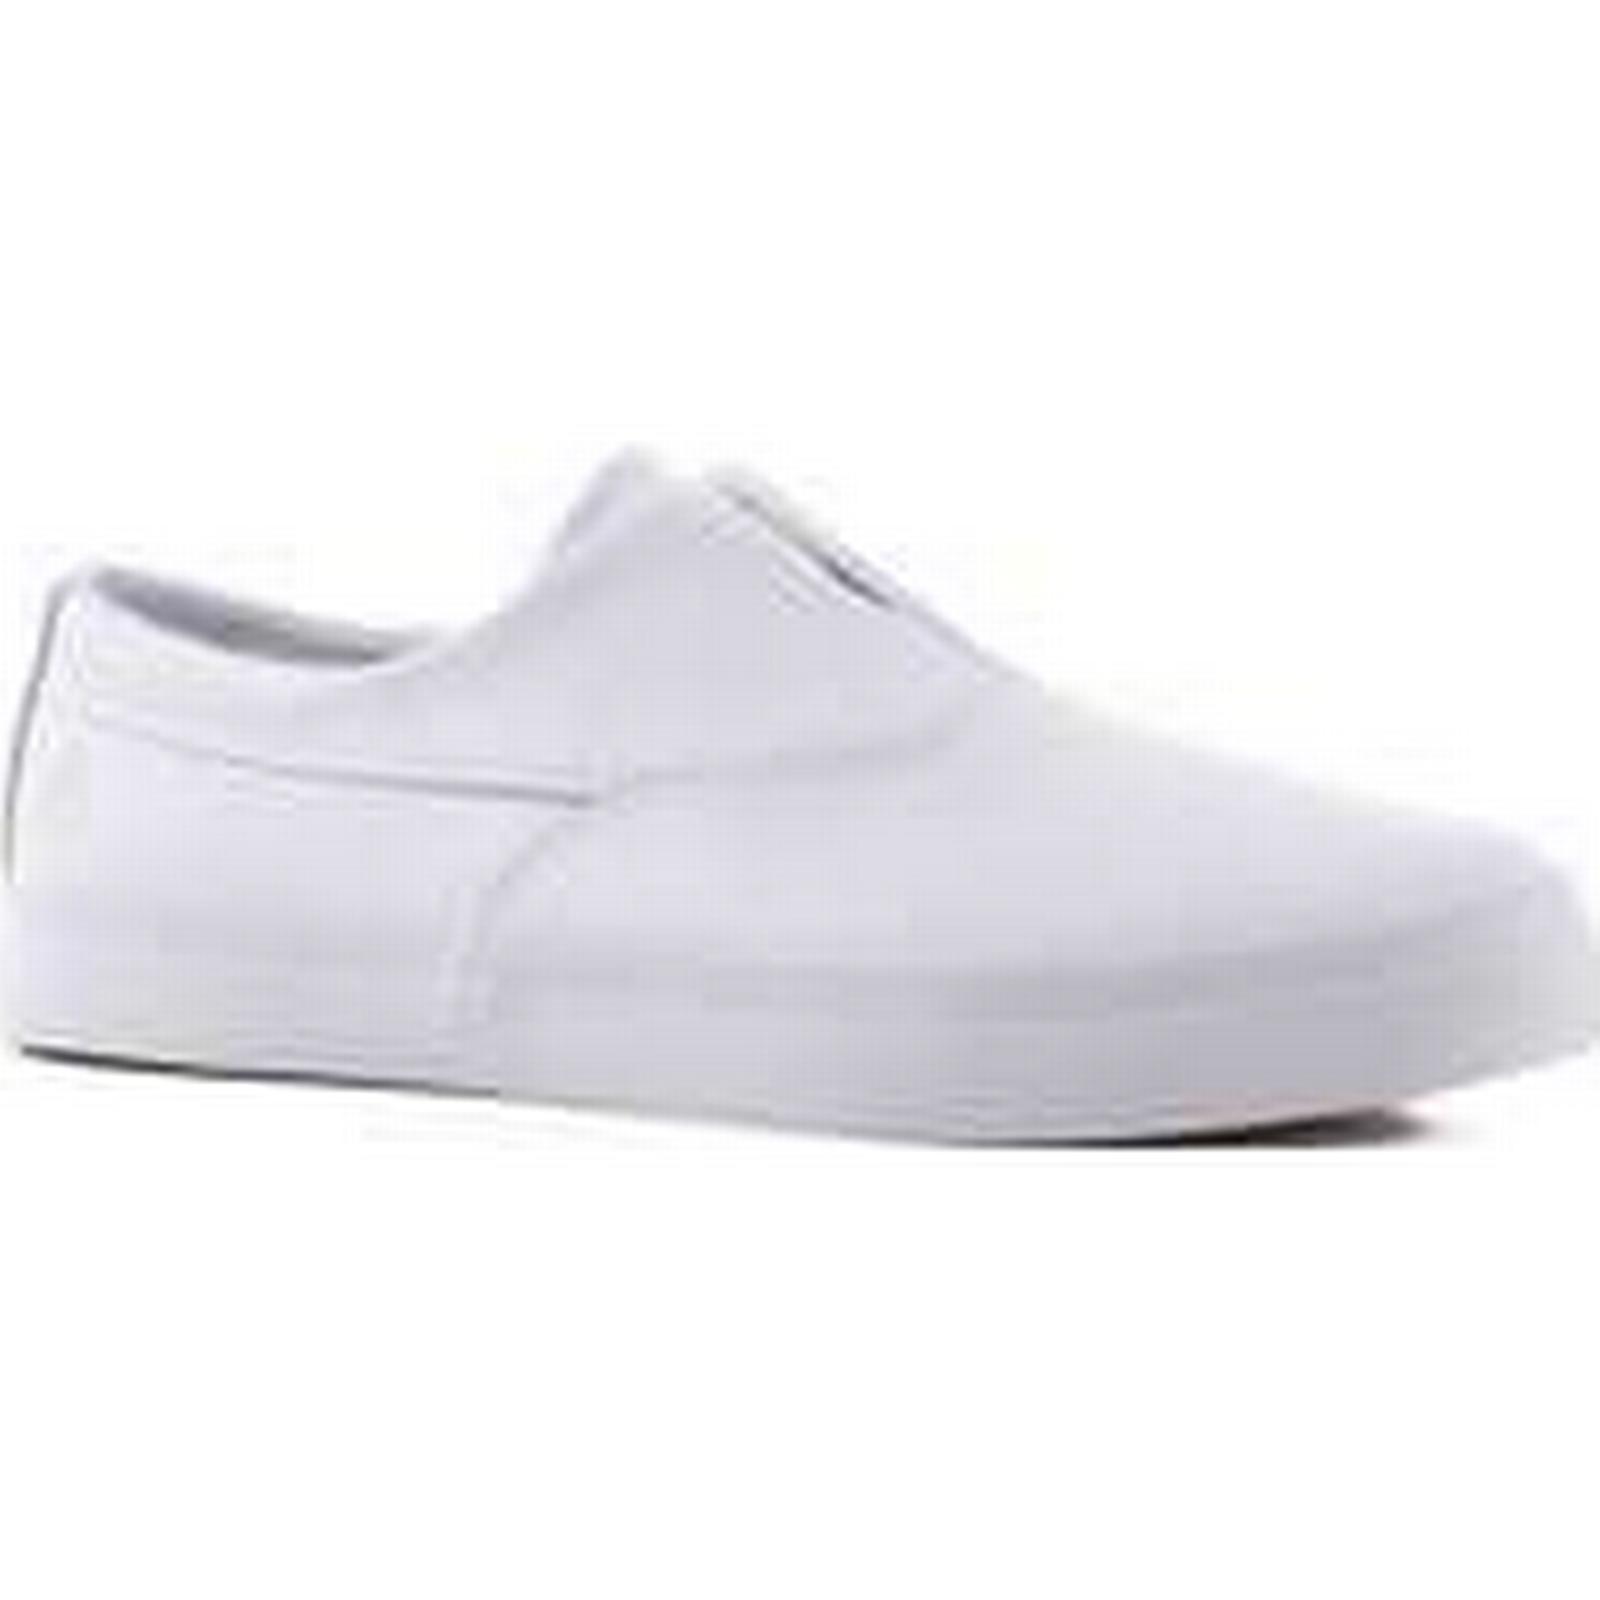 HUF Dylan Dylan Dylan Slip-On Shoes white d6ff97